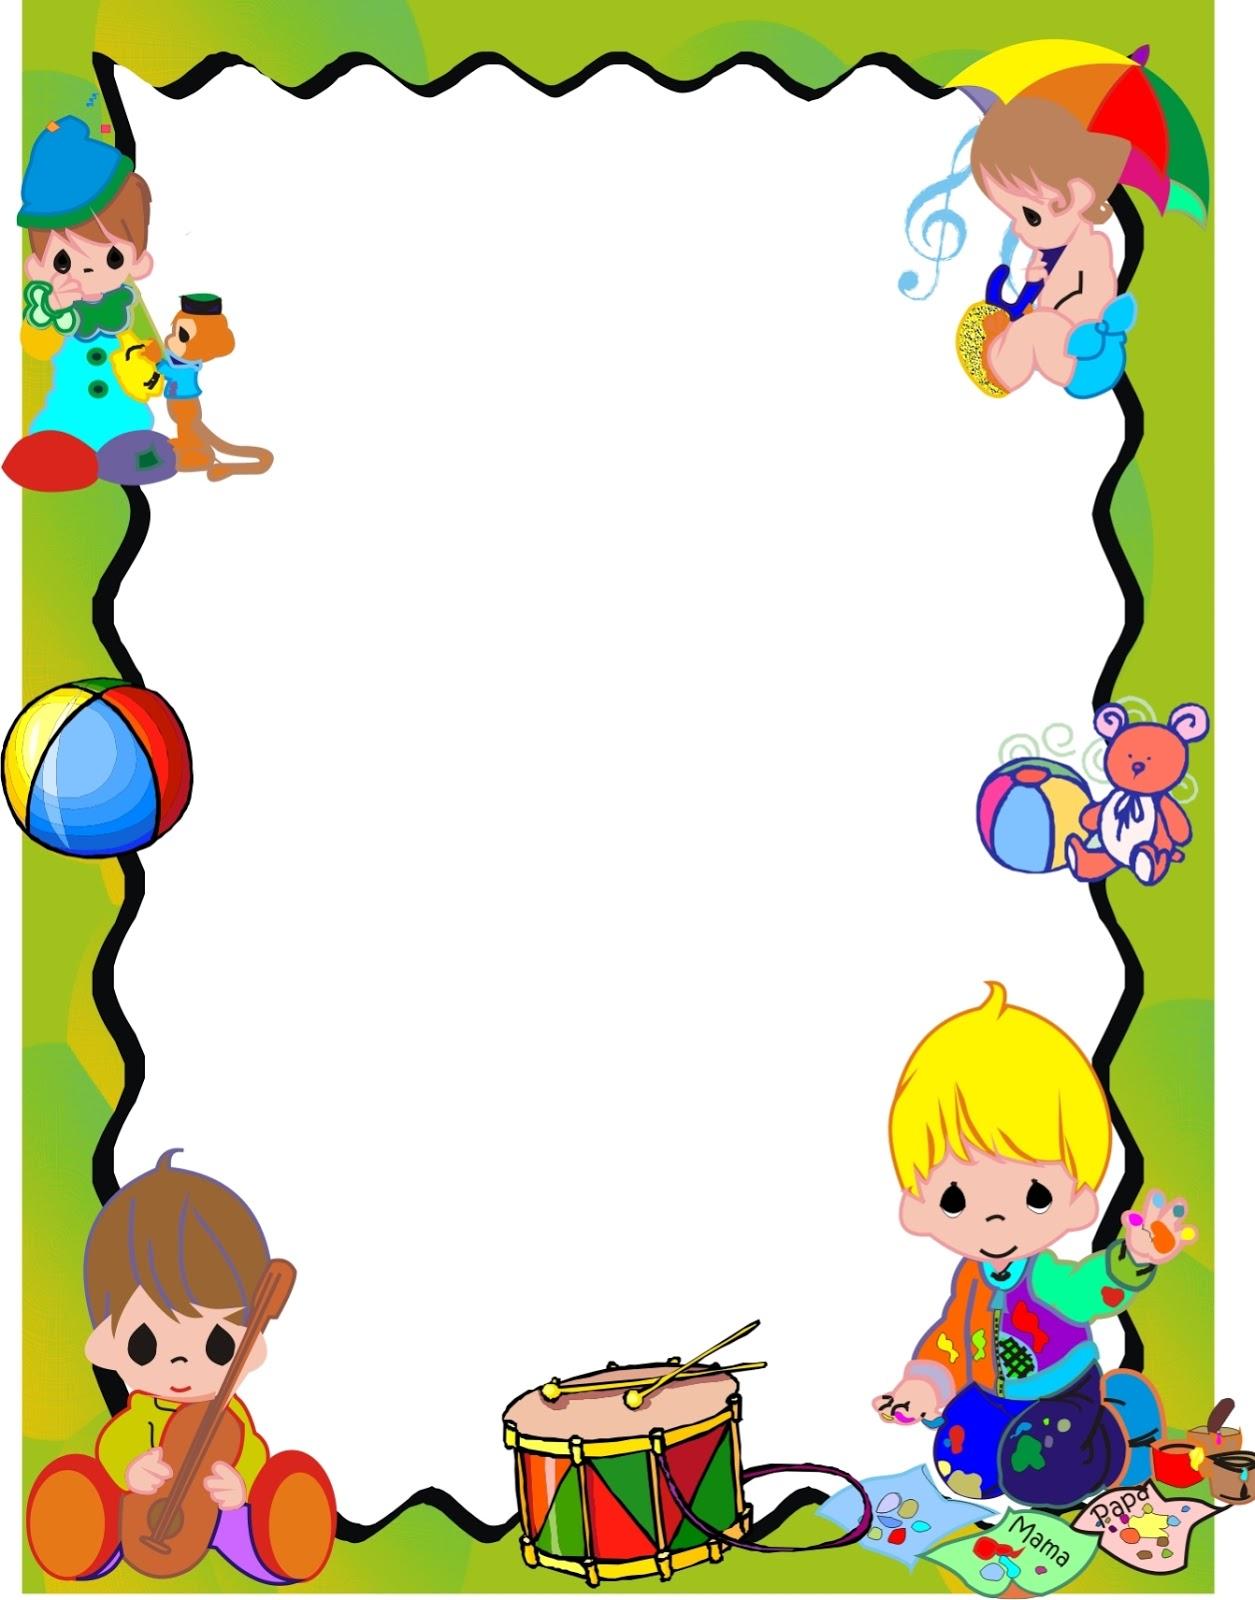 Bordes de caratulas para niños - Imagui